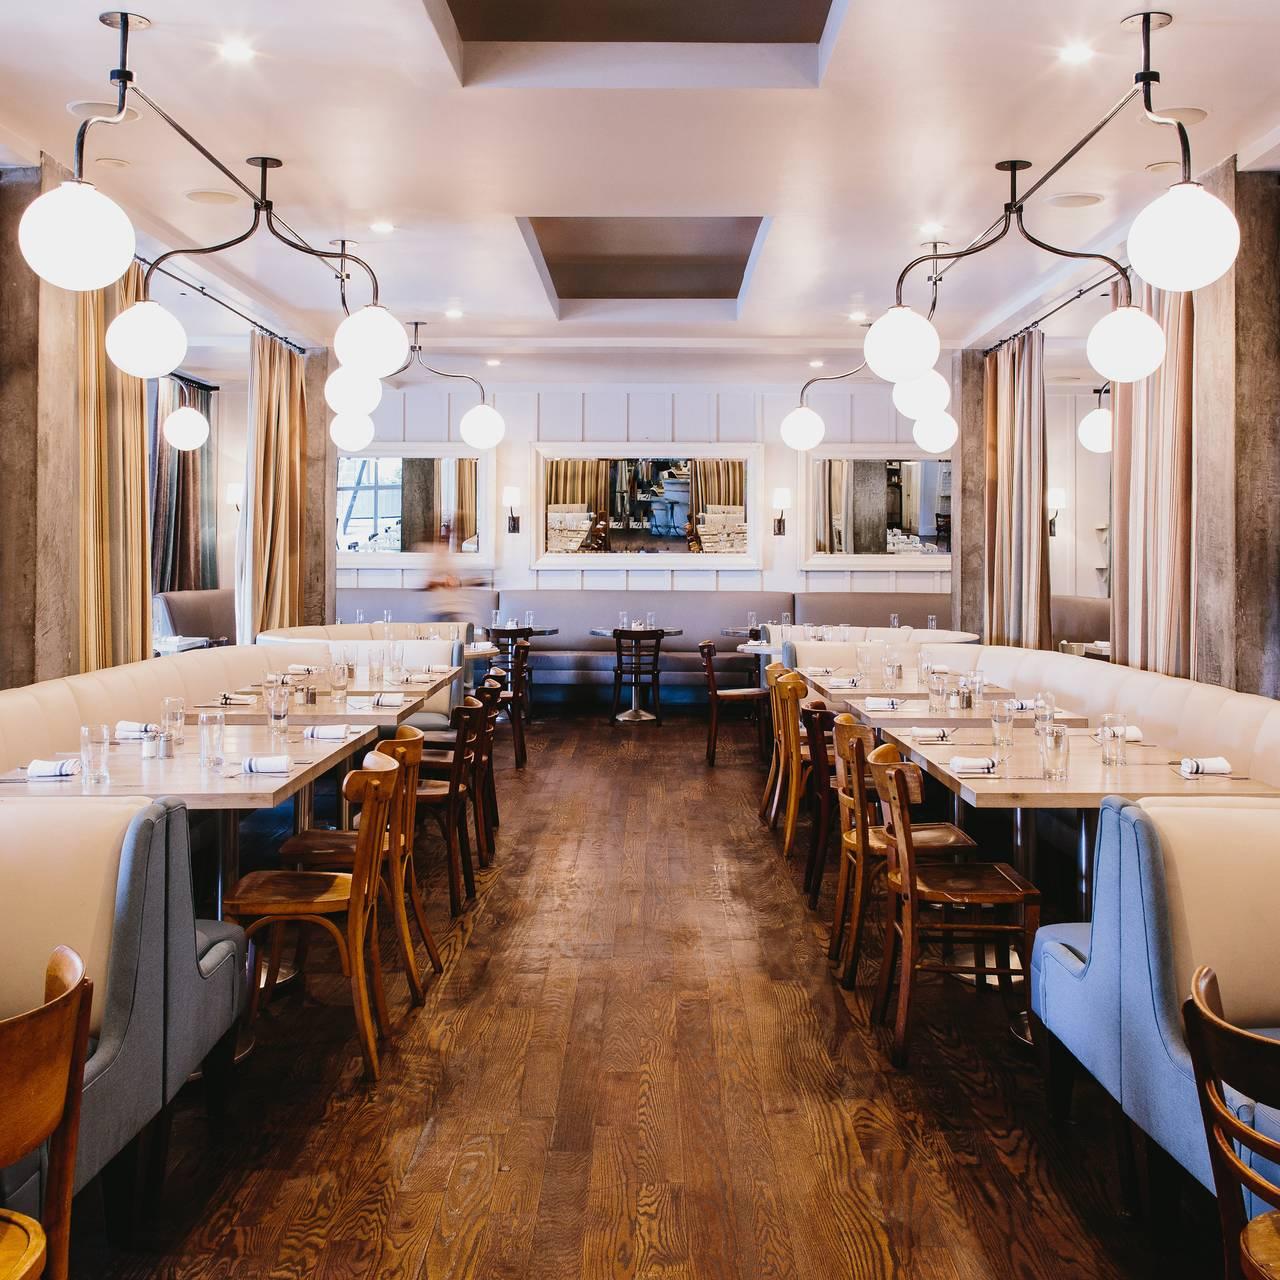 jct kitchen and bar restaurant atlanta ga opentable - Jct Kitchen